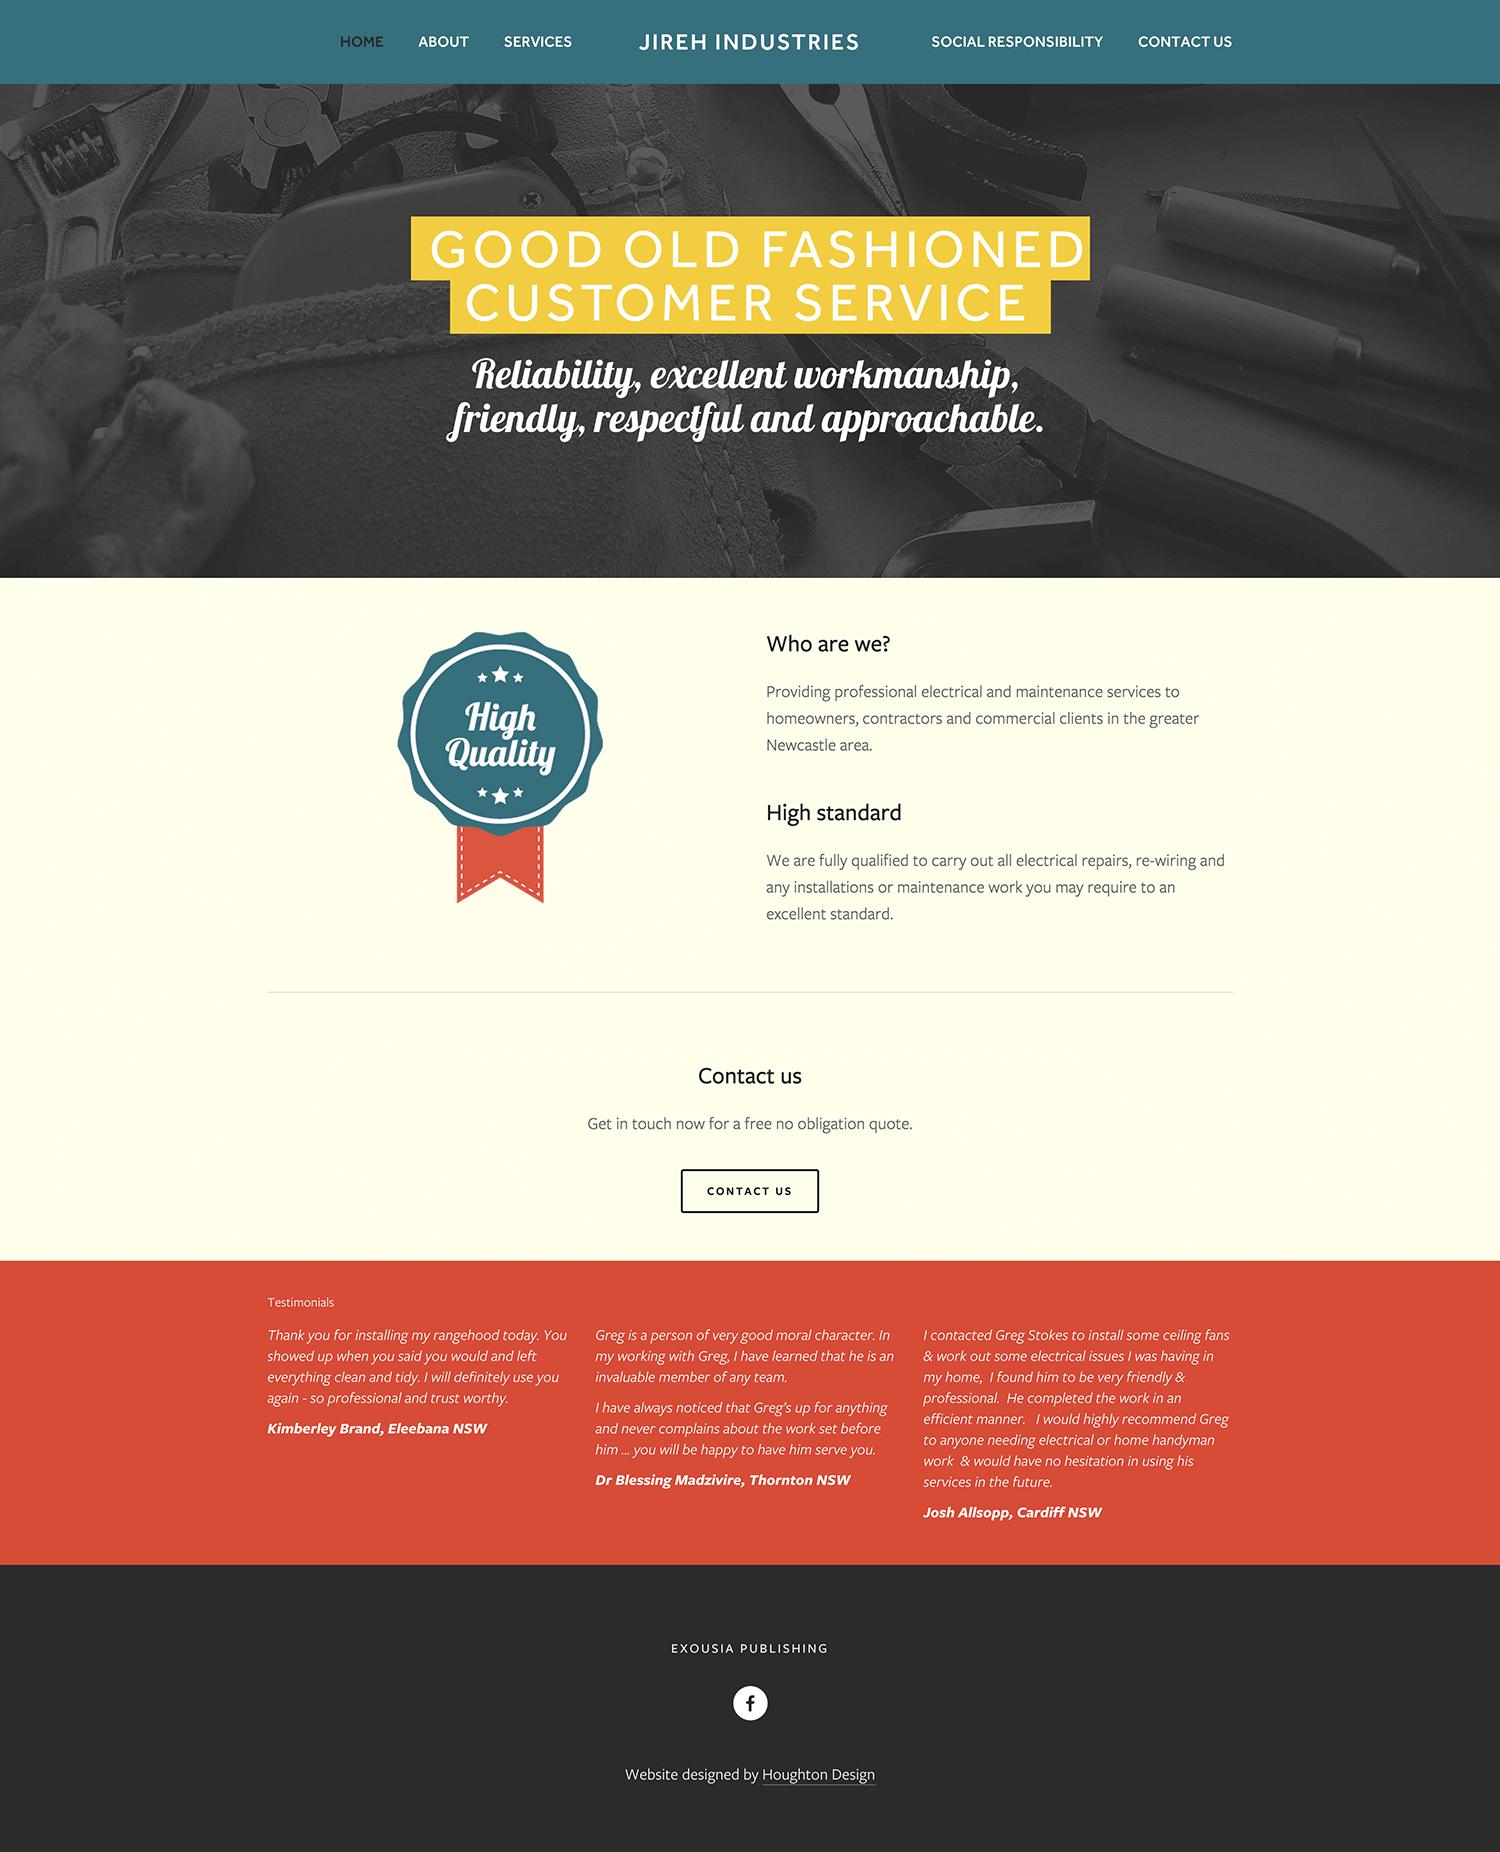 Squarespace website for Jireh Industries - www.jirehindustries.com.au